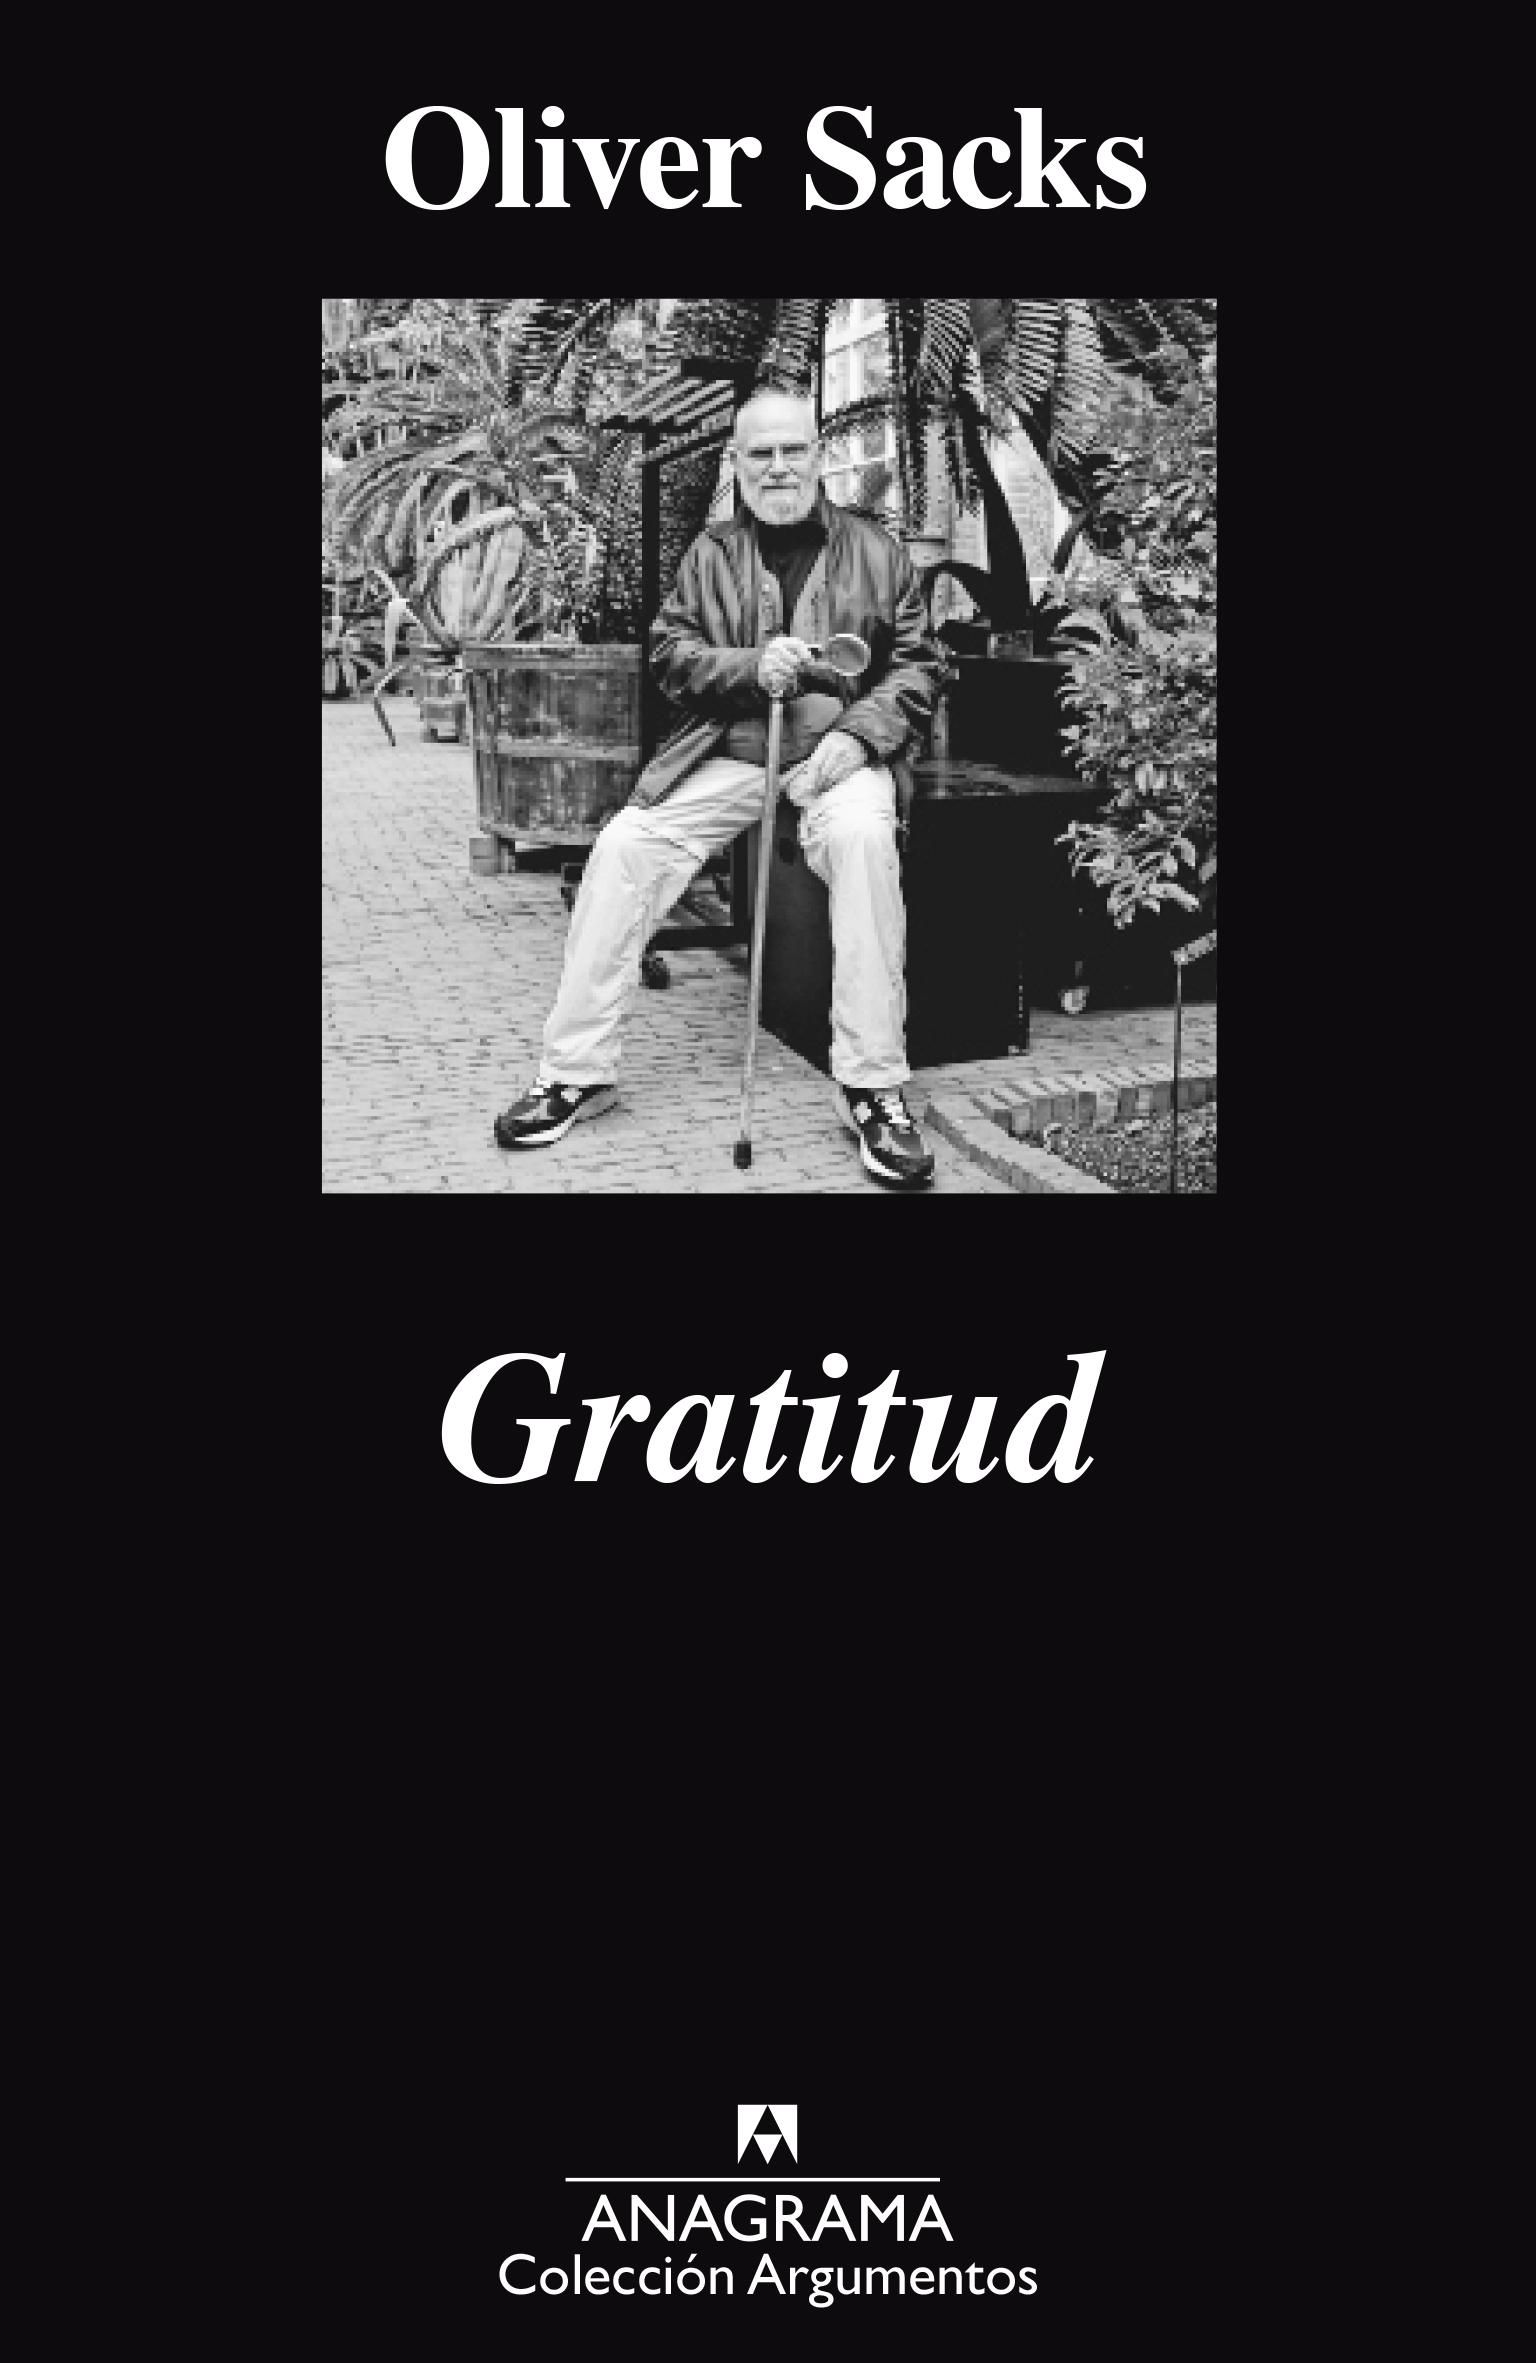 Resultado de imagen de gratitud oliver sacks